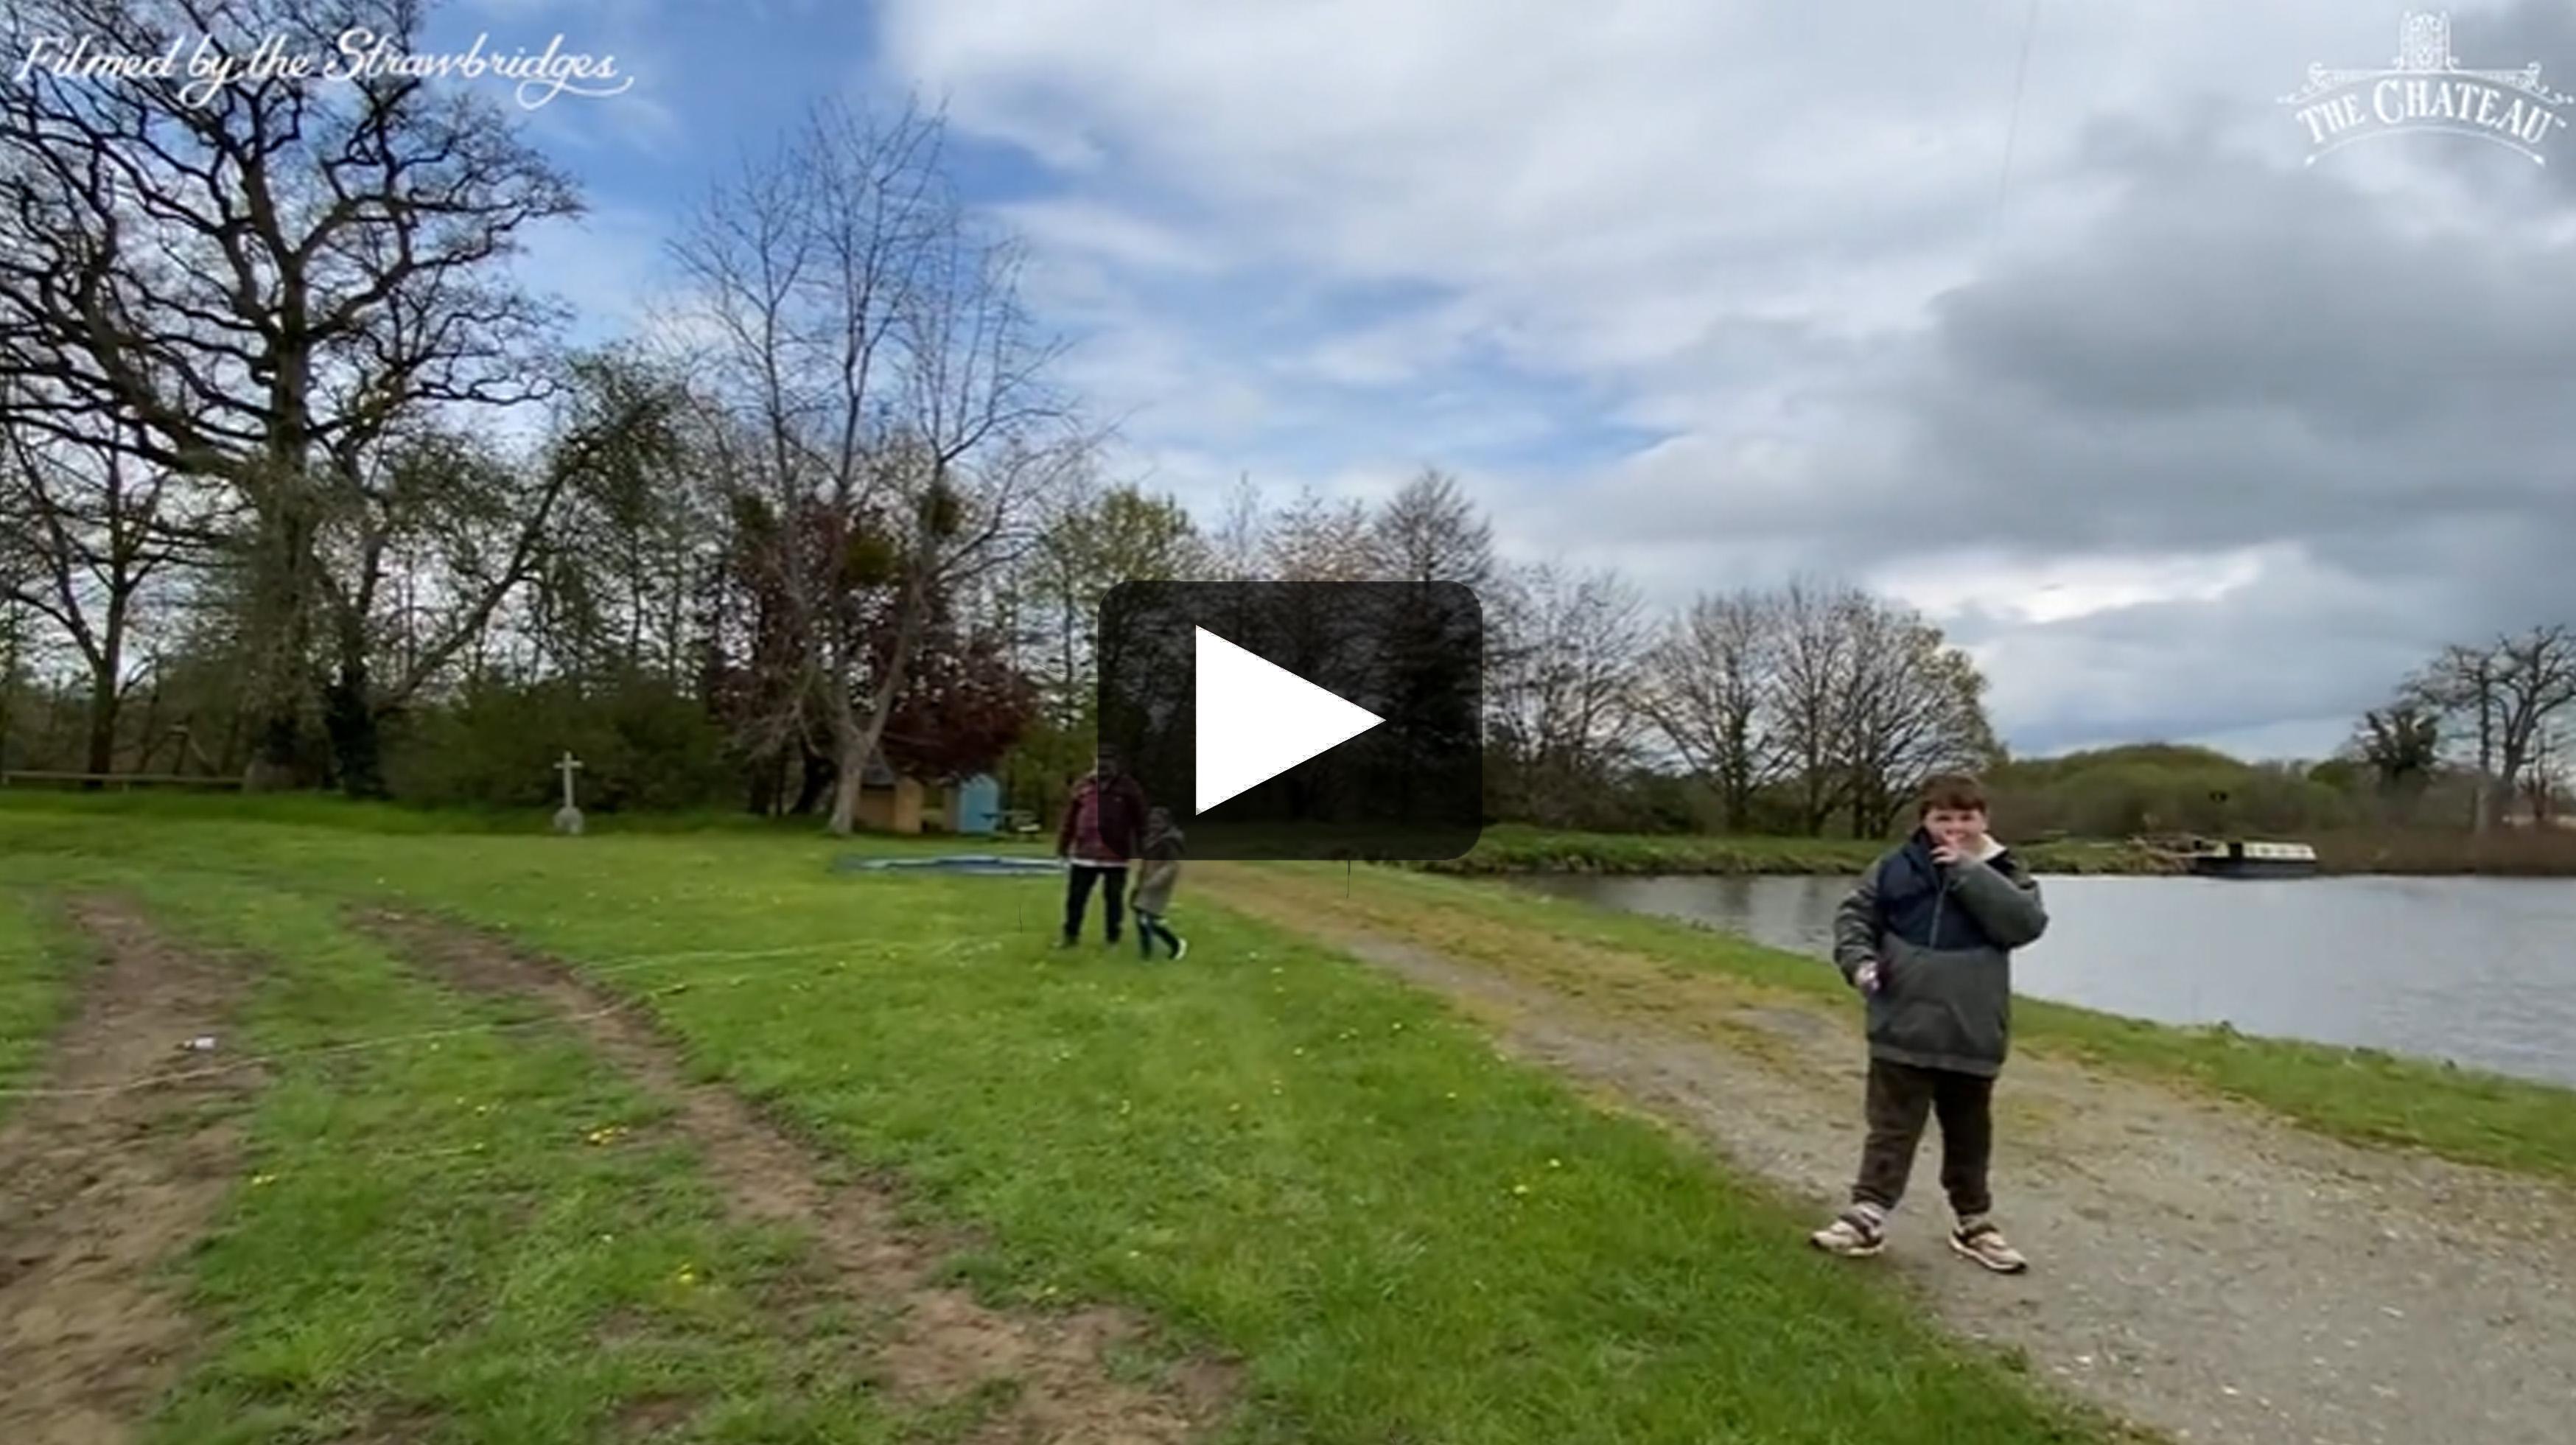 Video frame of the Strawbridges flying a kite.